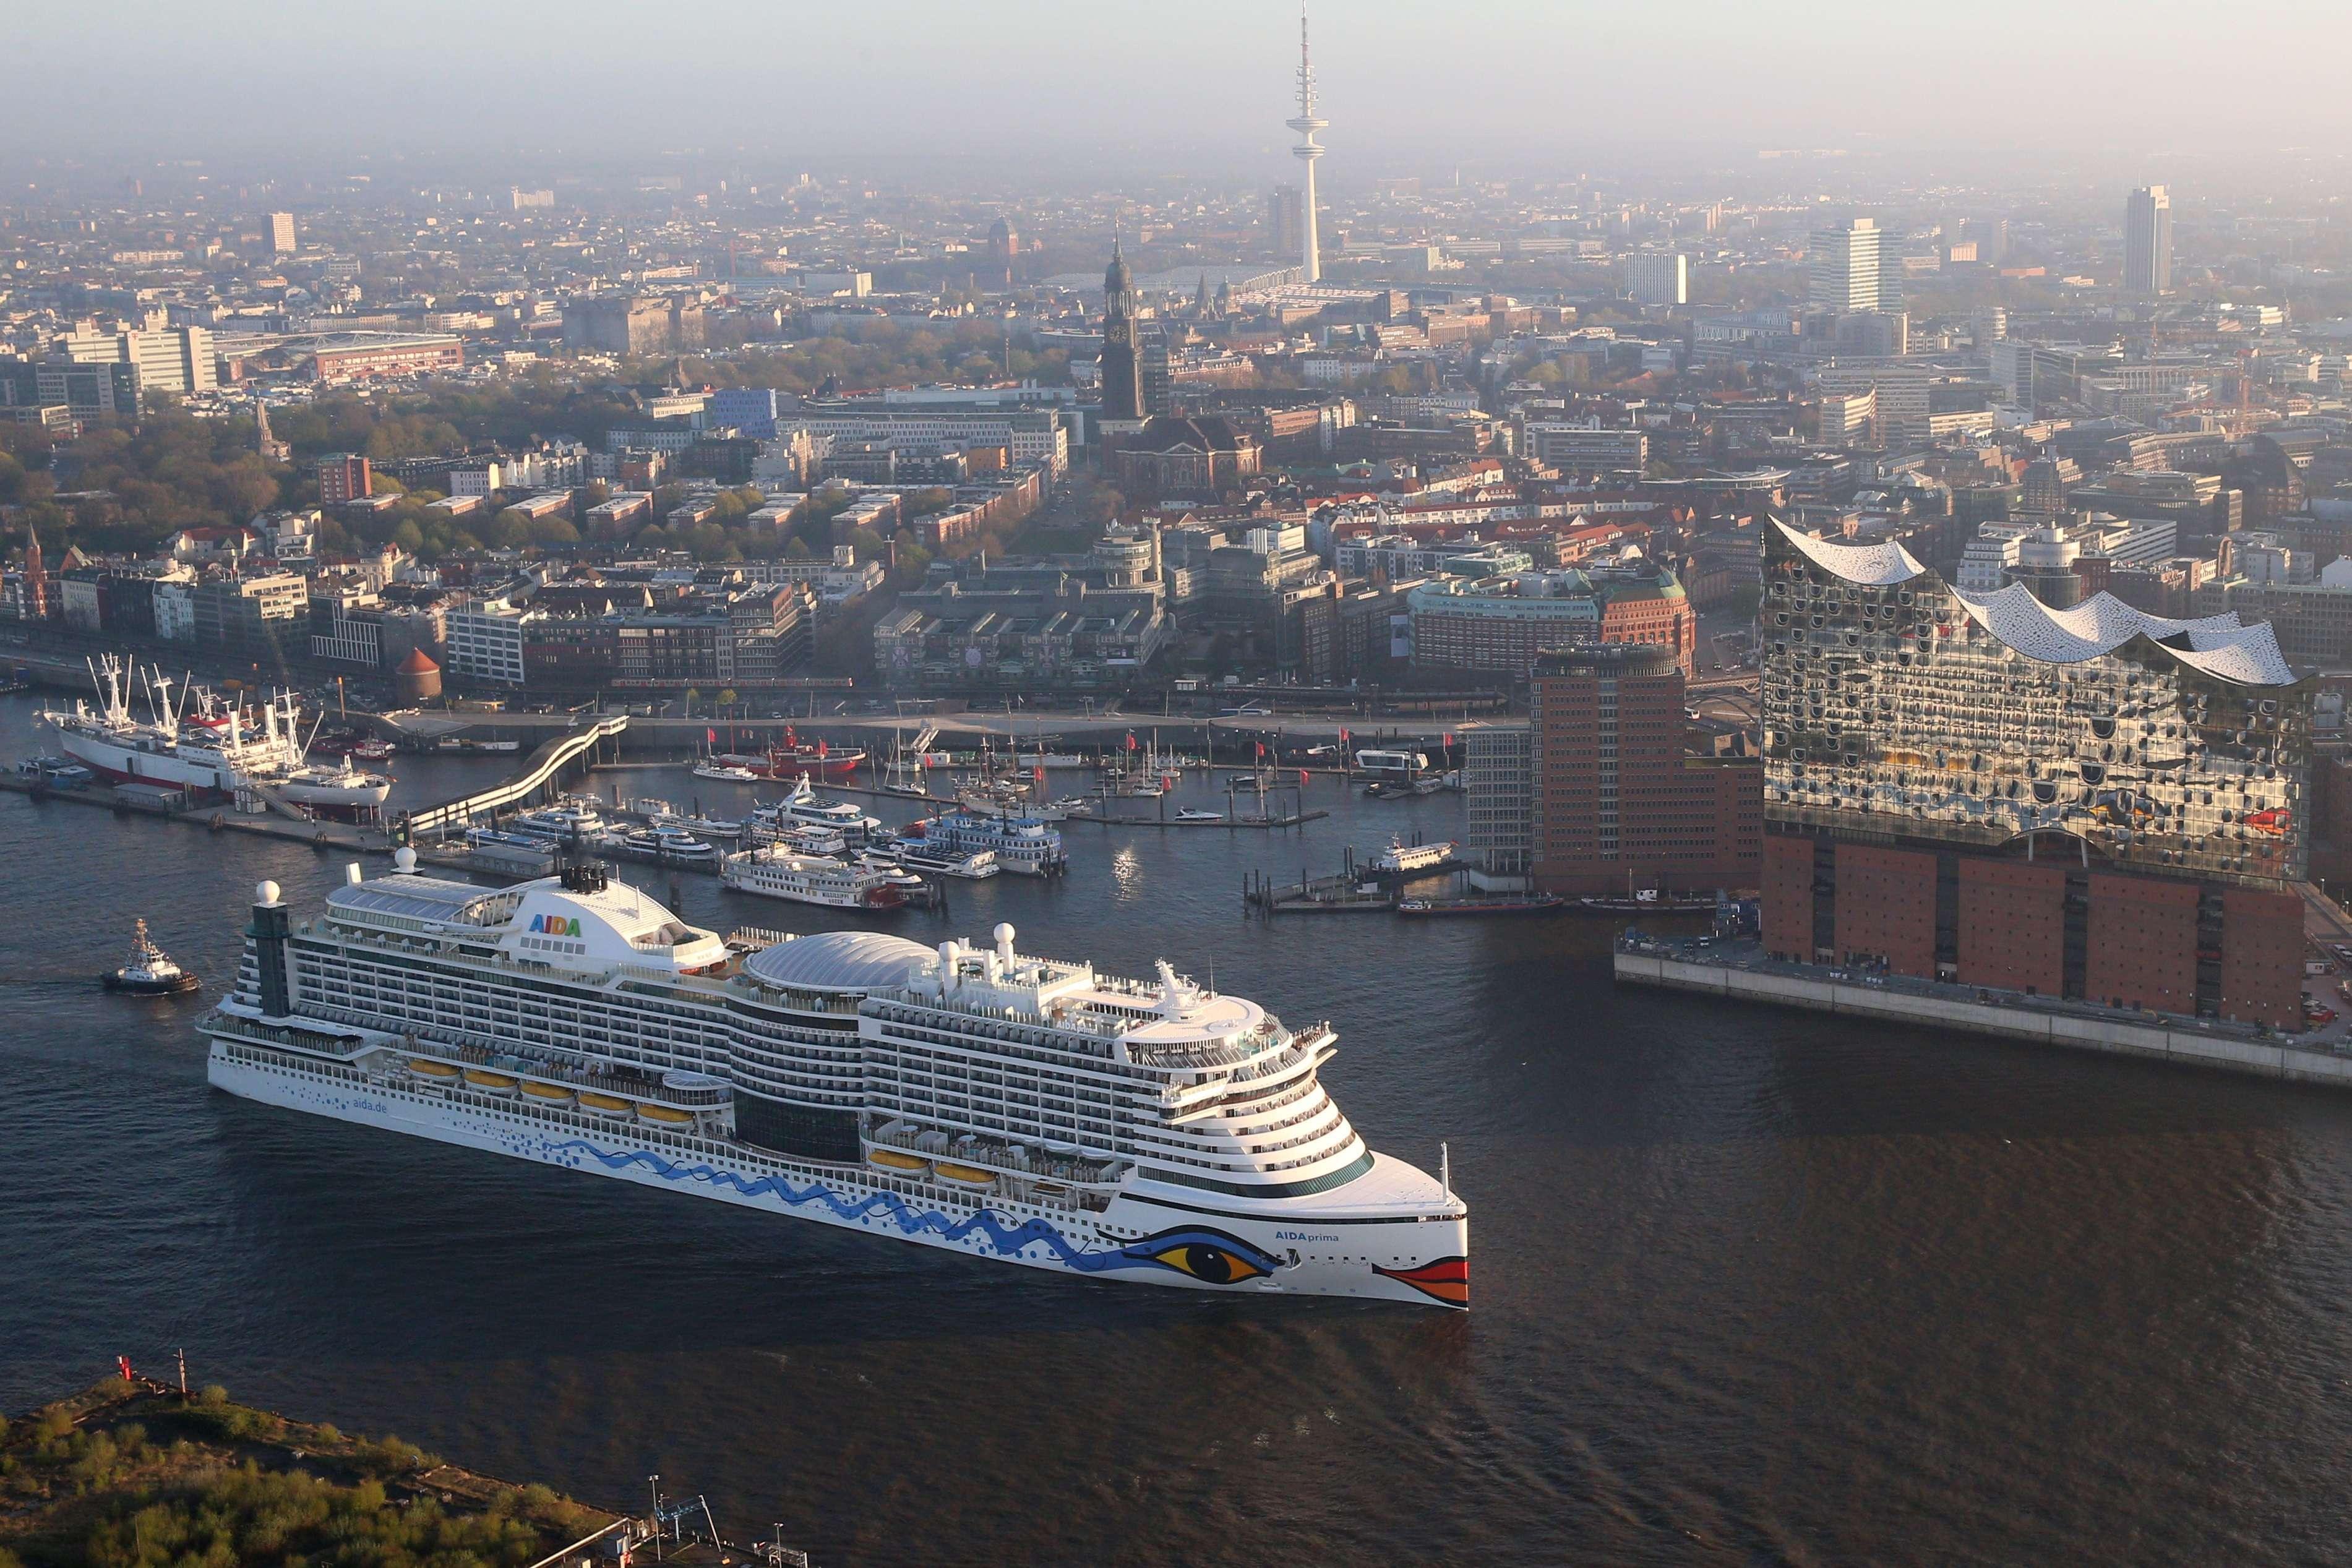 AIDA Cruises laeuft erstmals in Hamburger Hafen ein